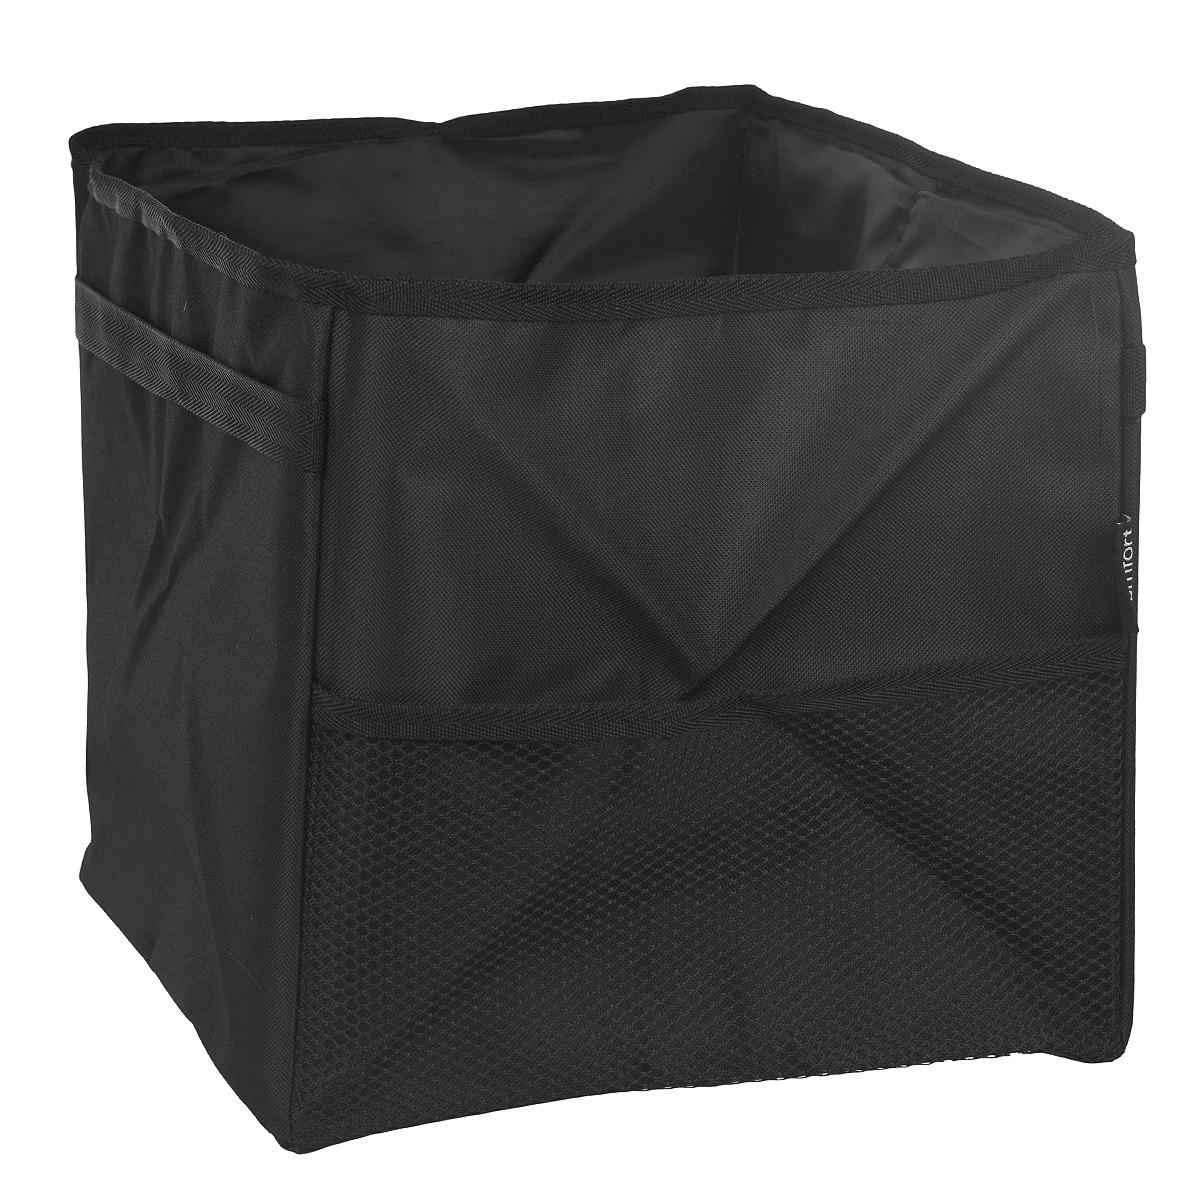 Органайзер в багажник Comfort Address, складной, 29 см х 35 см х 32 смbag 060Органайзер в багажник Comfort Address выполнен из крепкой непромокаемой ткани. Содержит одно большое отделение, размеры которого позволят вместить все, что разложено по углам багажника. Спереди содержится сетчатый карман на резинке. На дне пришиты липучки, препятствующие передвижению органайзера по багажнику. Удобная крышка на молнии спрячет все, что лежит внутри; при необходимости ее можно убрать в сумку. Органайзер складной; в сложенном виде, когда он не нужен, занимает минимум места.